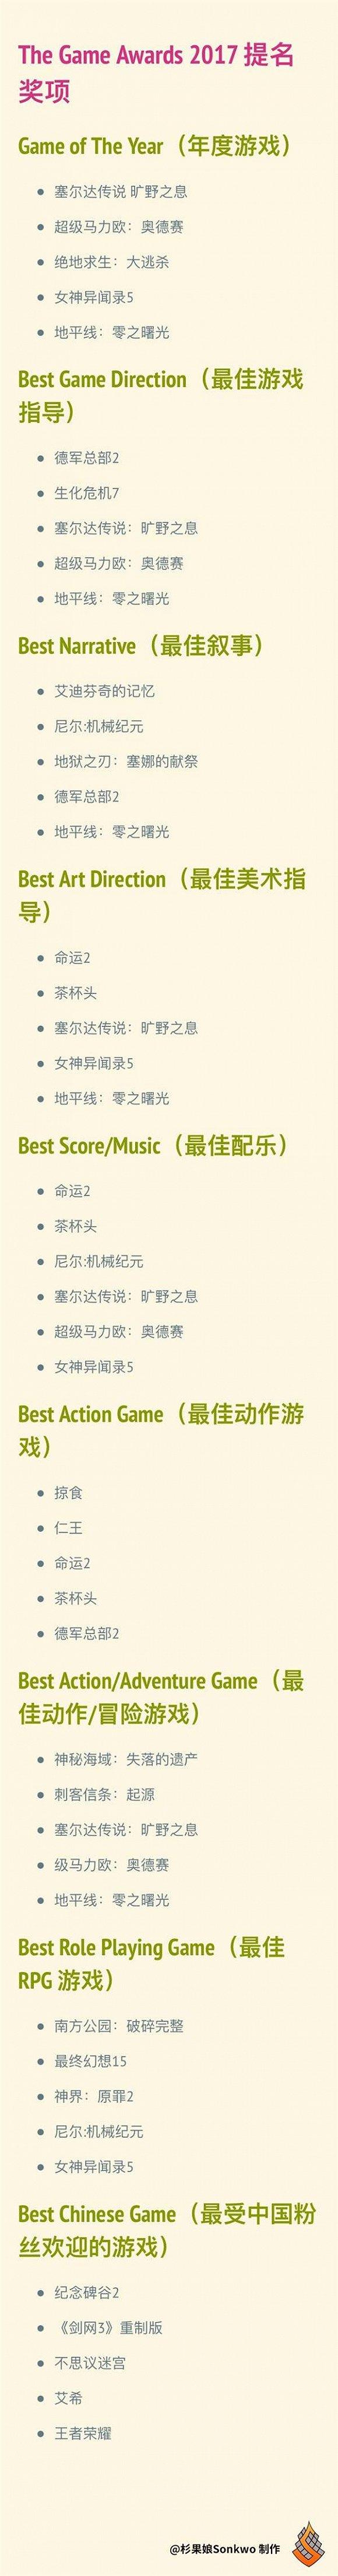 """《绝地求生》入选游戏界奥斯卡 TGA提名""""吃鸡"""""""